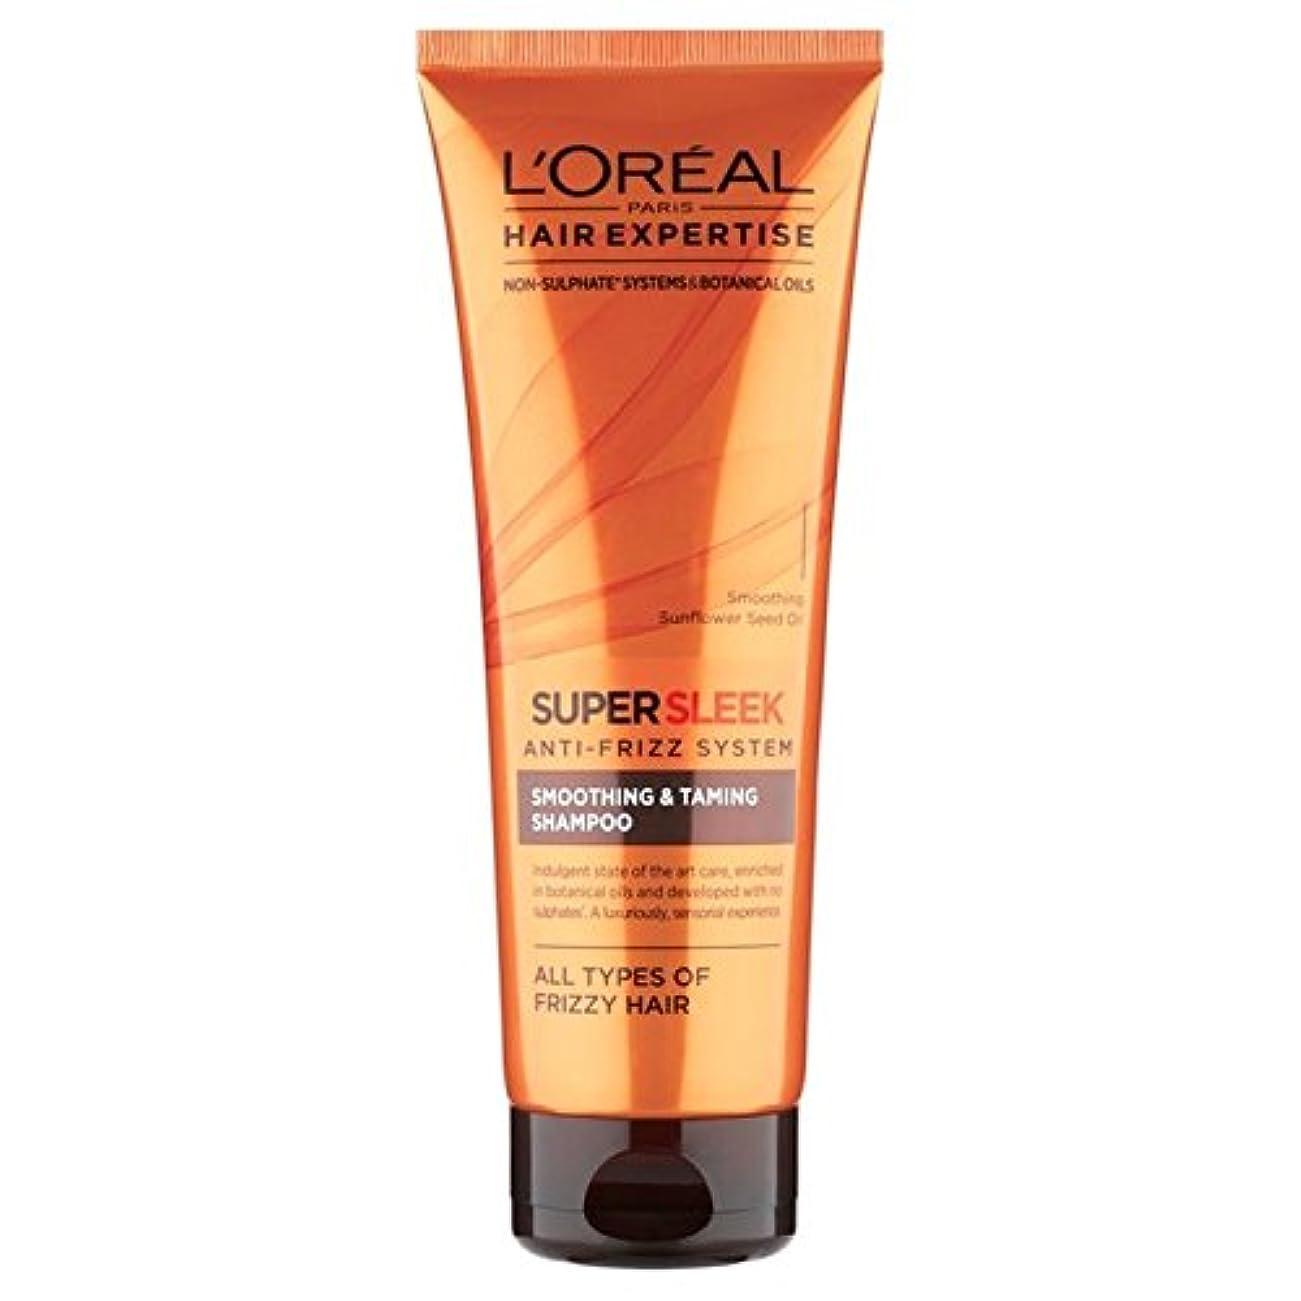 体系的にブロックこどもの日ロレアルの髪の専門知識集中的ナリッシュシャンプー250ミリリットル x2 - L'Oreal Hair Expertise EverSleek Intensive Nourish Shampoo 250ml (Pack of 2) [並行輸入品]